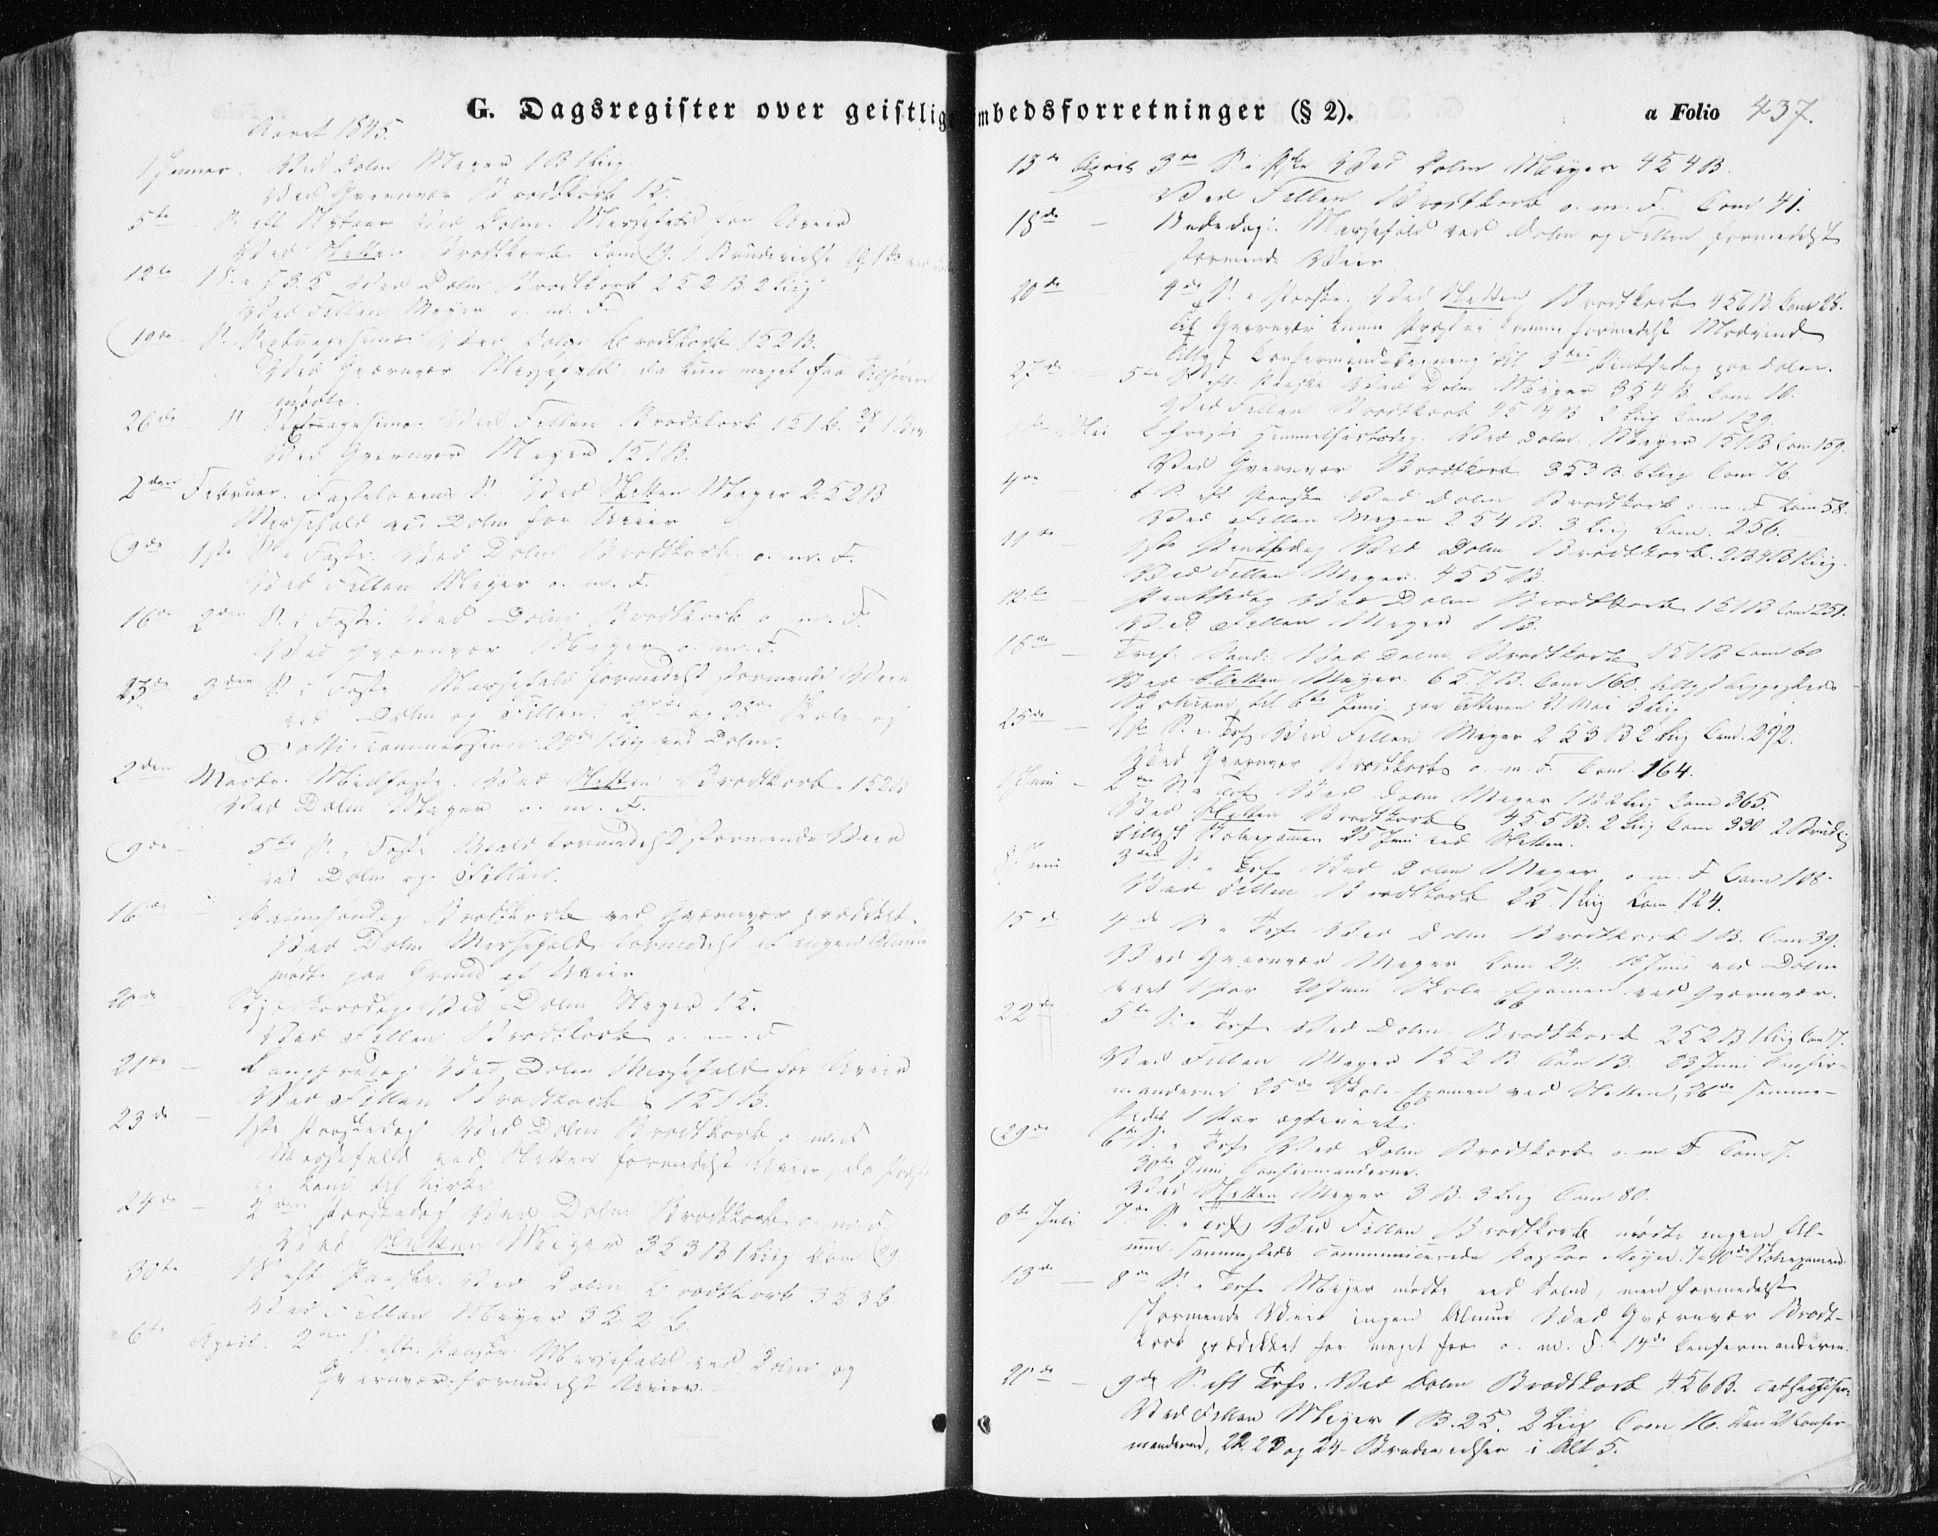 SAT, Ministerialprotokoller, klokkerbøker og fødselsregistre - Sør-Trøndelag, 634/L0529: Ministerialbok nr. 634A05, 1843-1851, s. 437